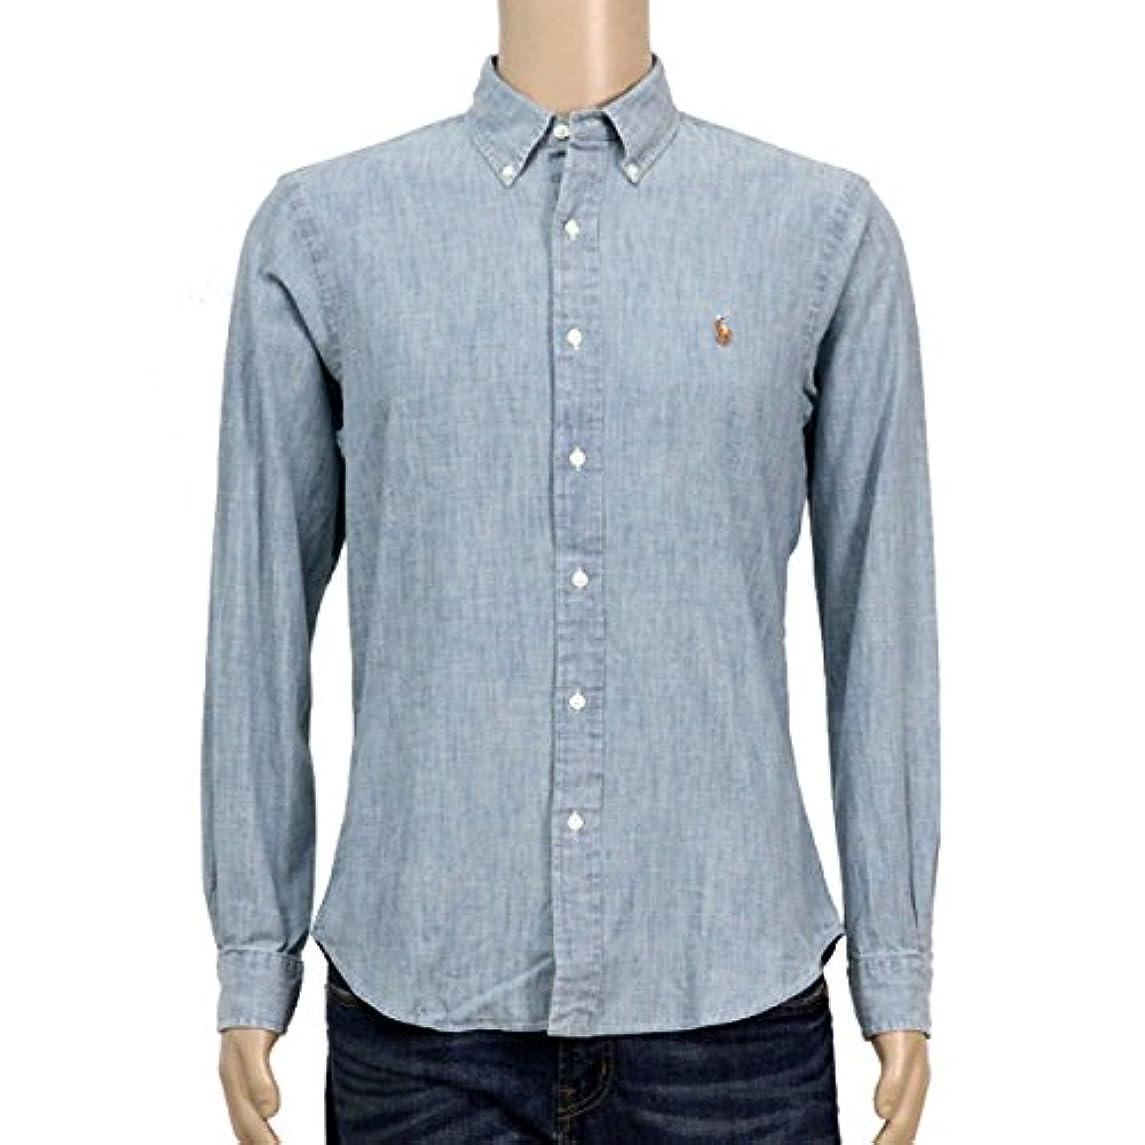 羊のカタログ記事[ポロ ラルフローレン] POLO RALPH LAUREN 正規品 メンズ 長袖シャツ Slim-Fit Chambray Shirt 並行輸入品 (コード:4100830503)